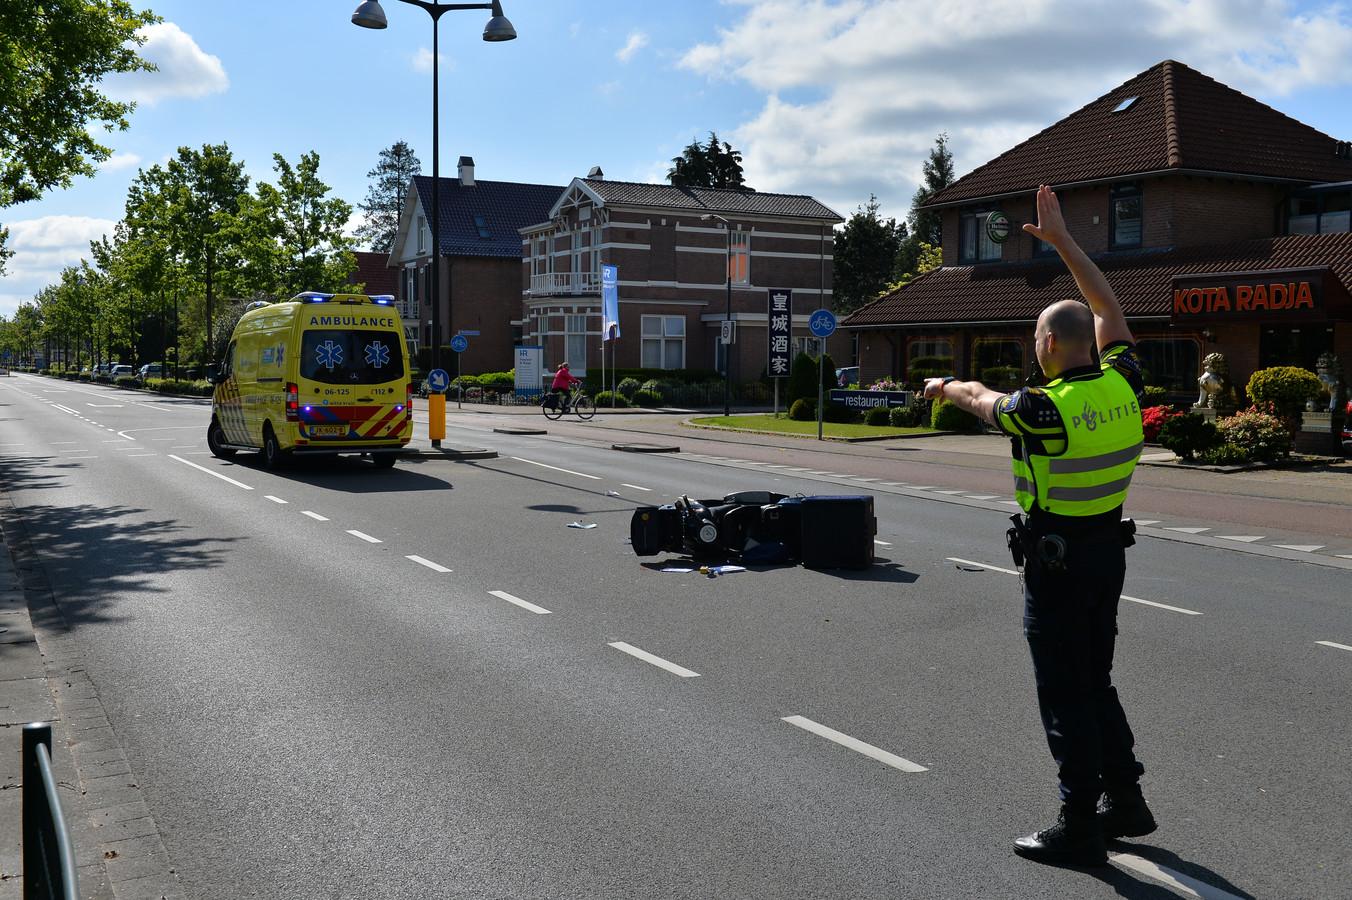 De Deventerstraat in Apeldoorn was vanmorgen tijdelijk gedeeltelijk afgesloten door een ongeval waarbij een scooterrijdster gewond raakte.